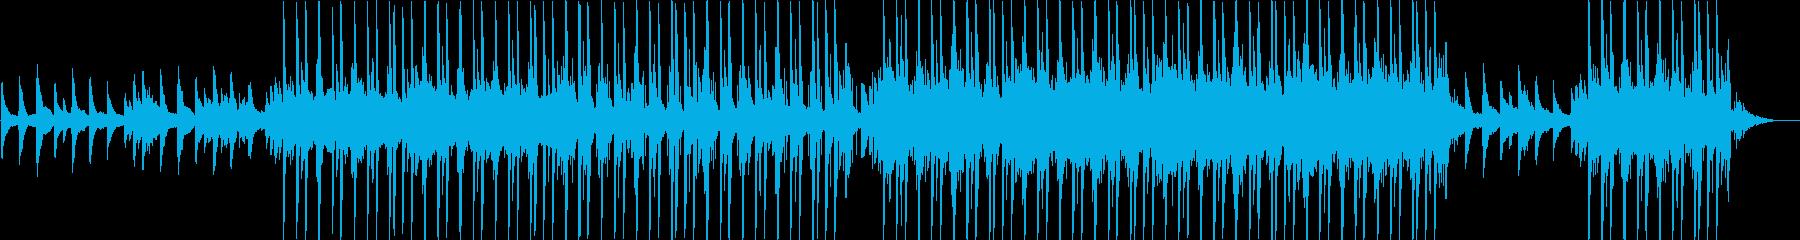 冬を感じる幻想的な曲の再生済みの波形